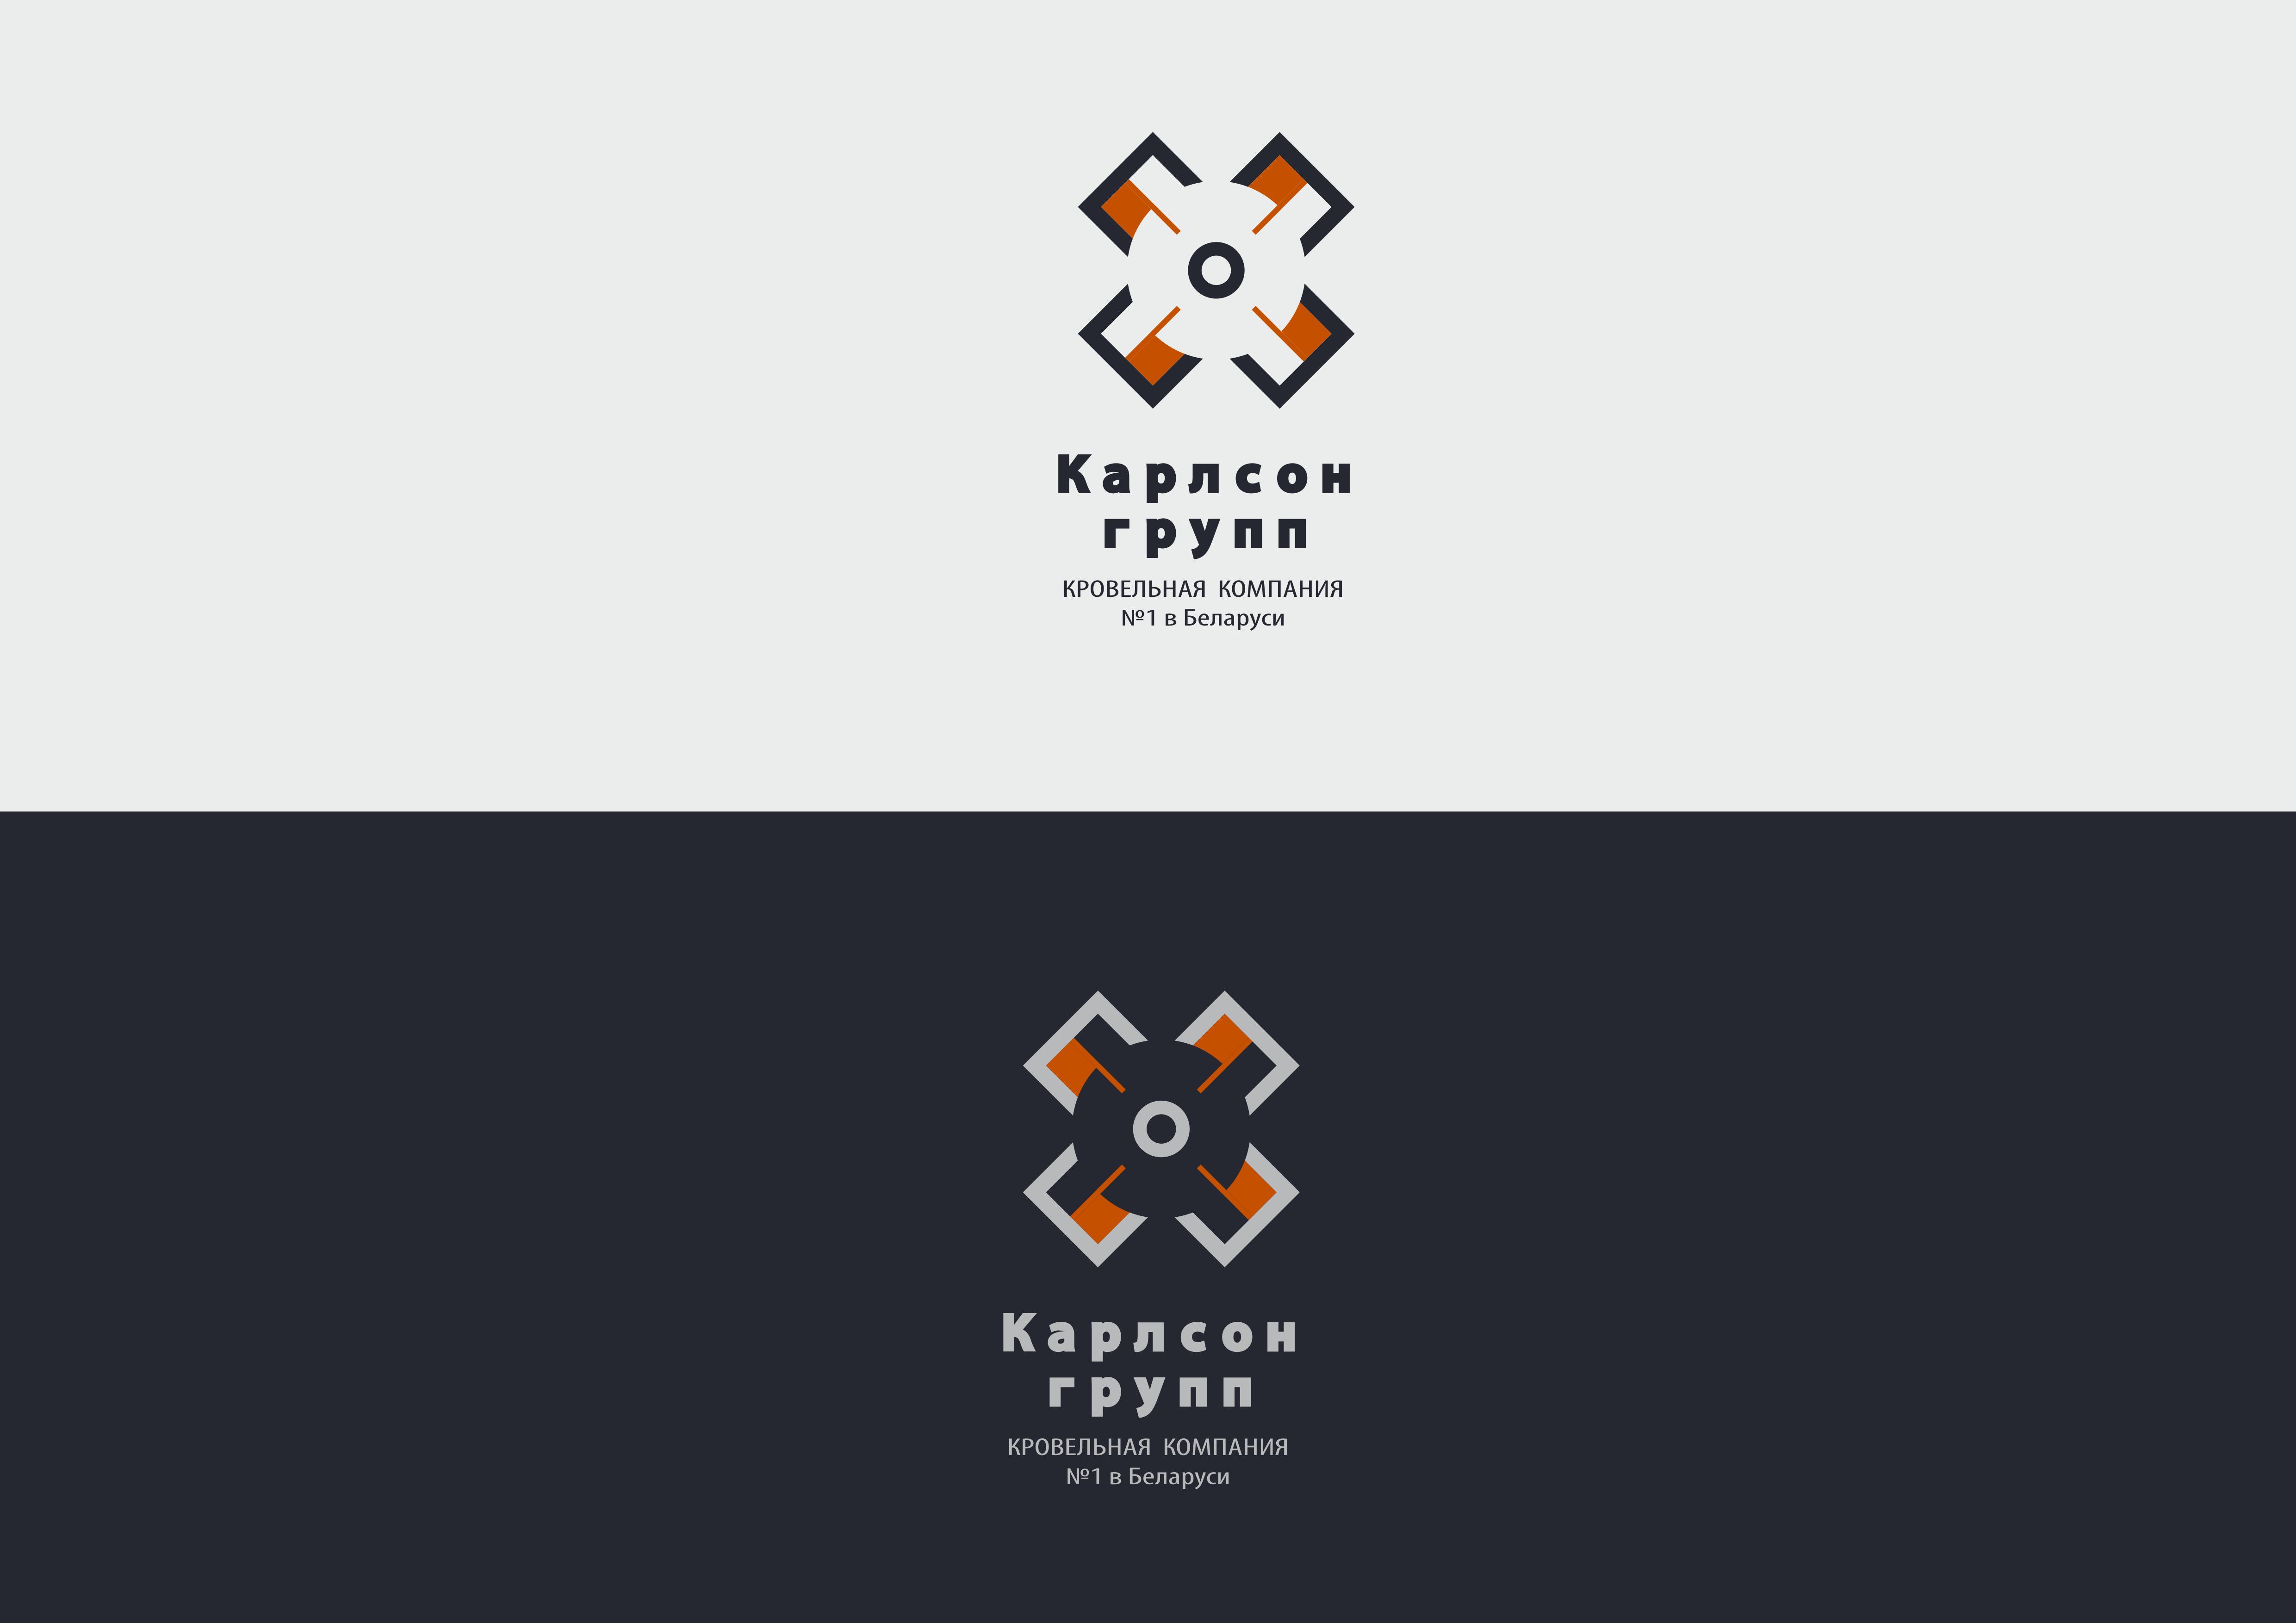 Придумать классный логотип фото f_563598e3bb48c7ee.png